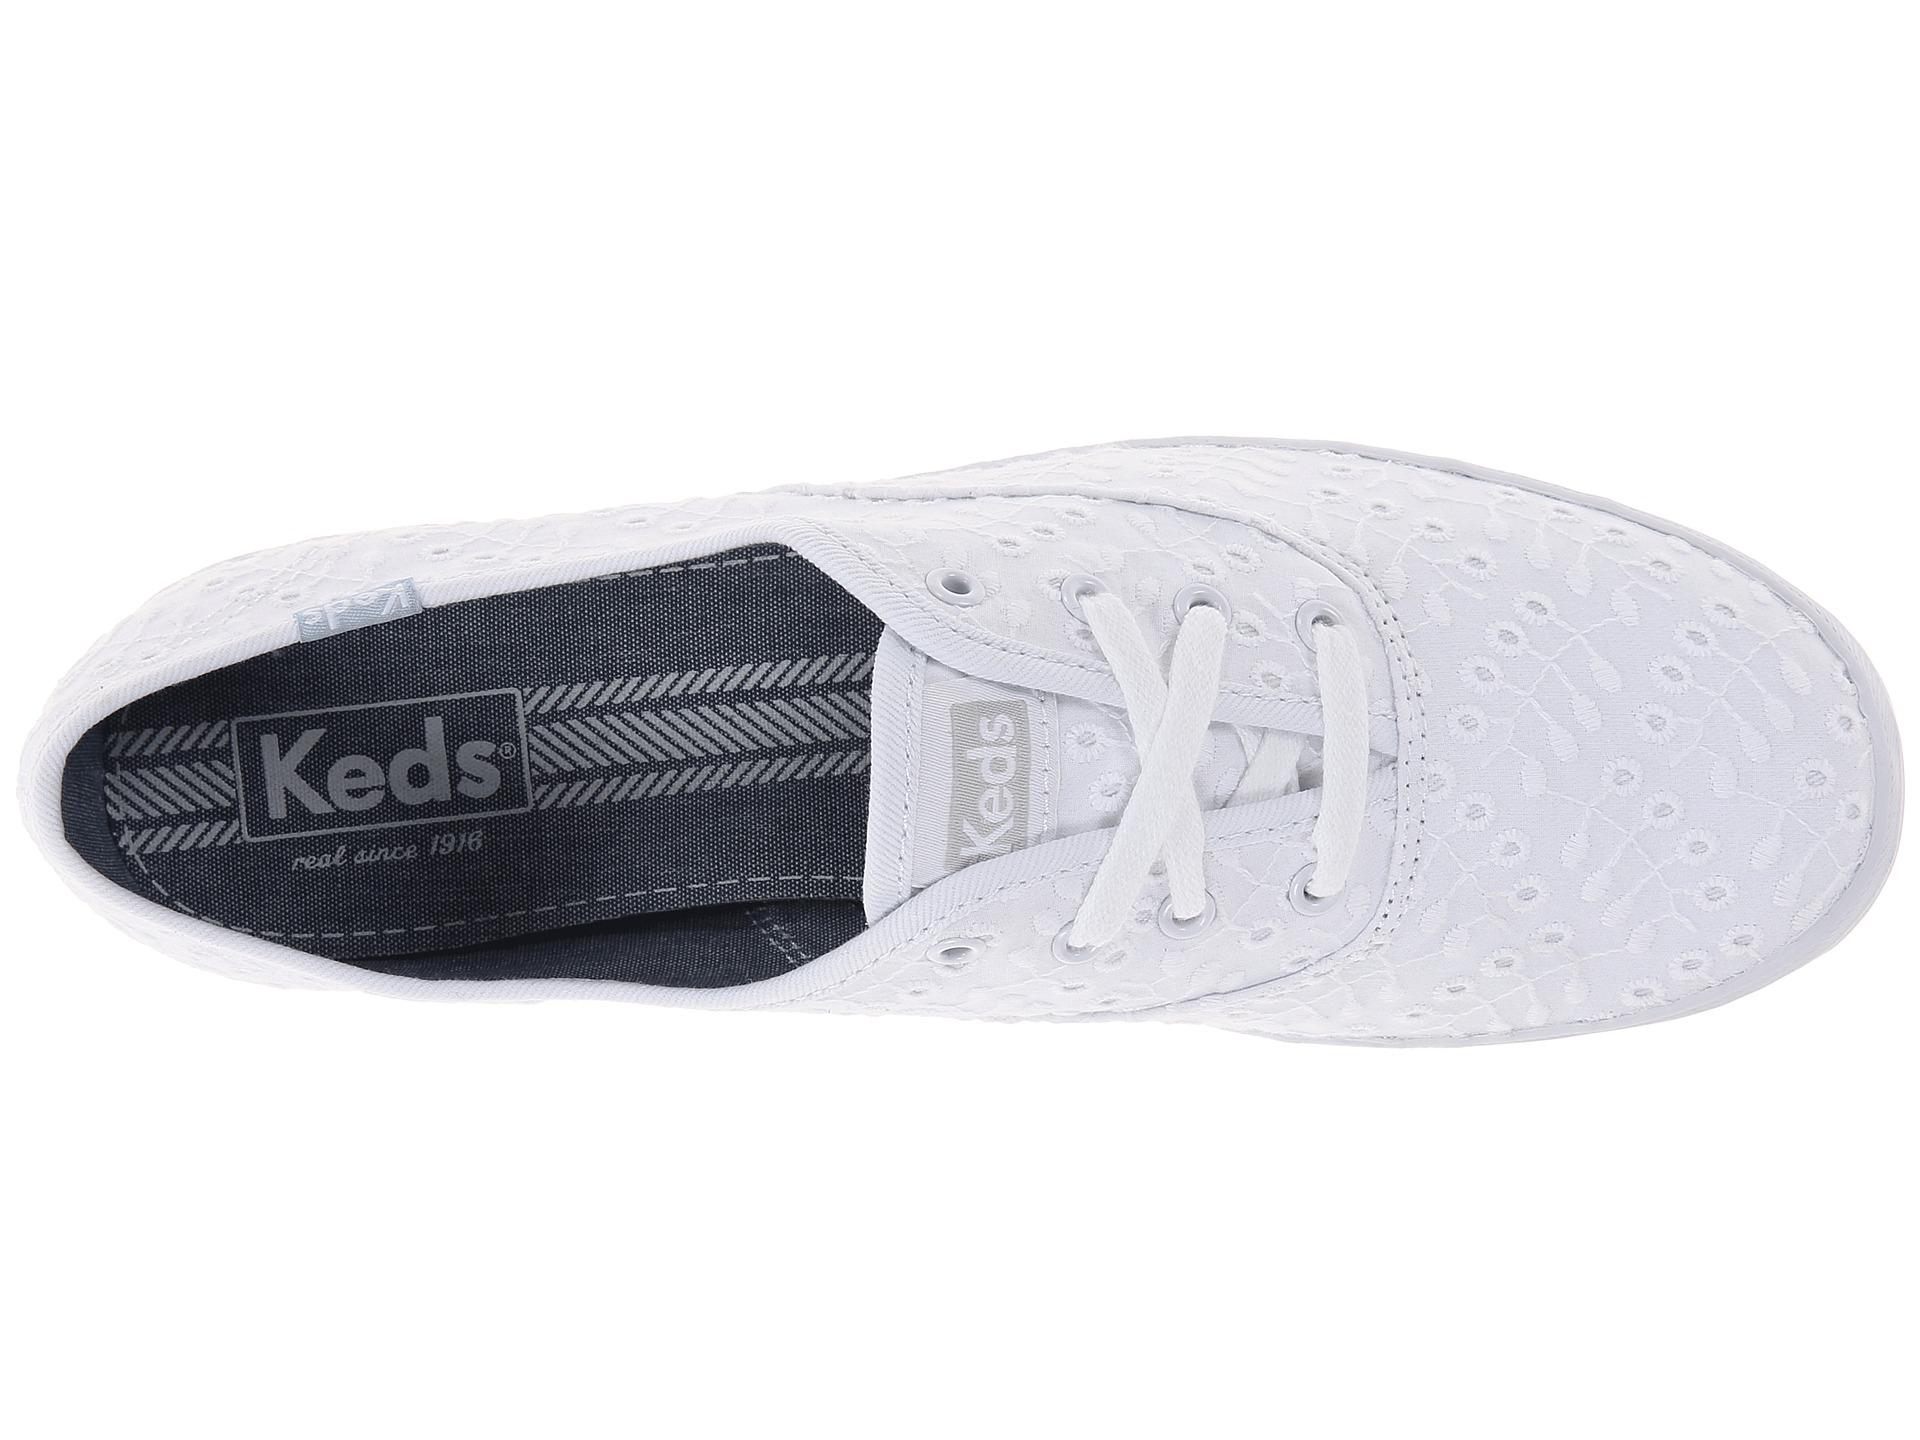 keds champion eyelet white